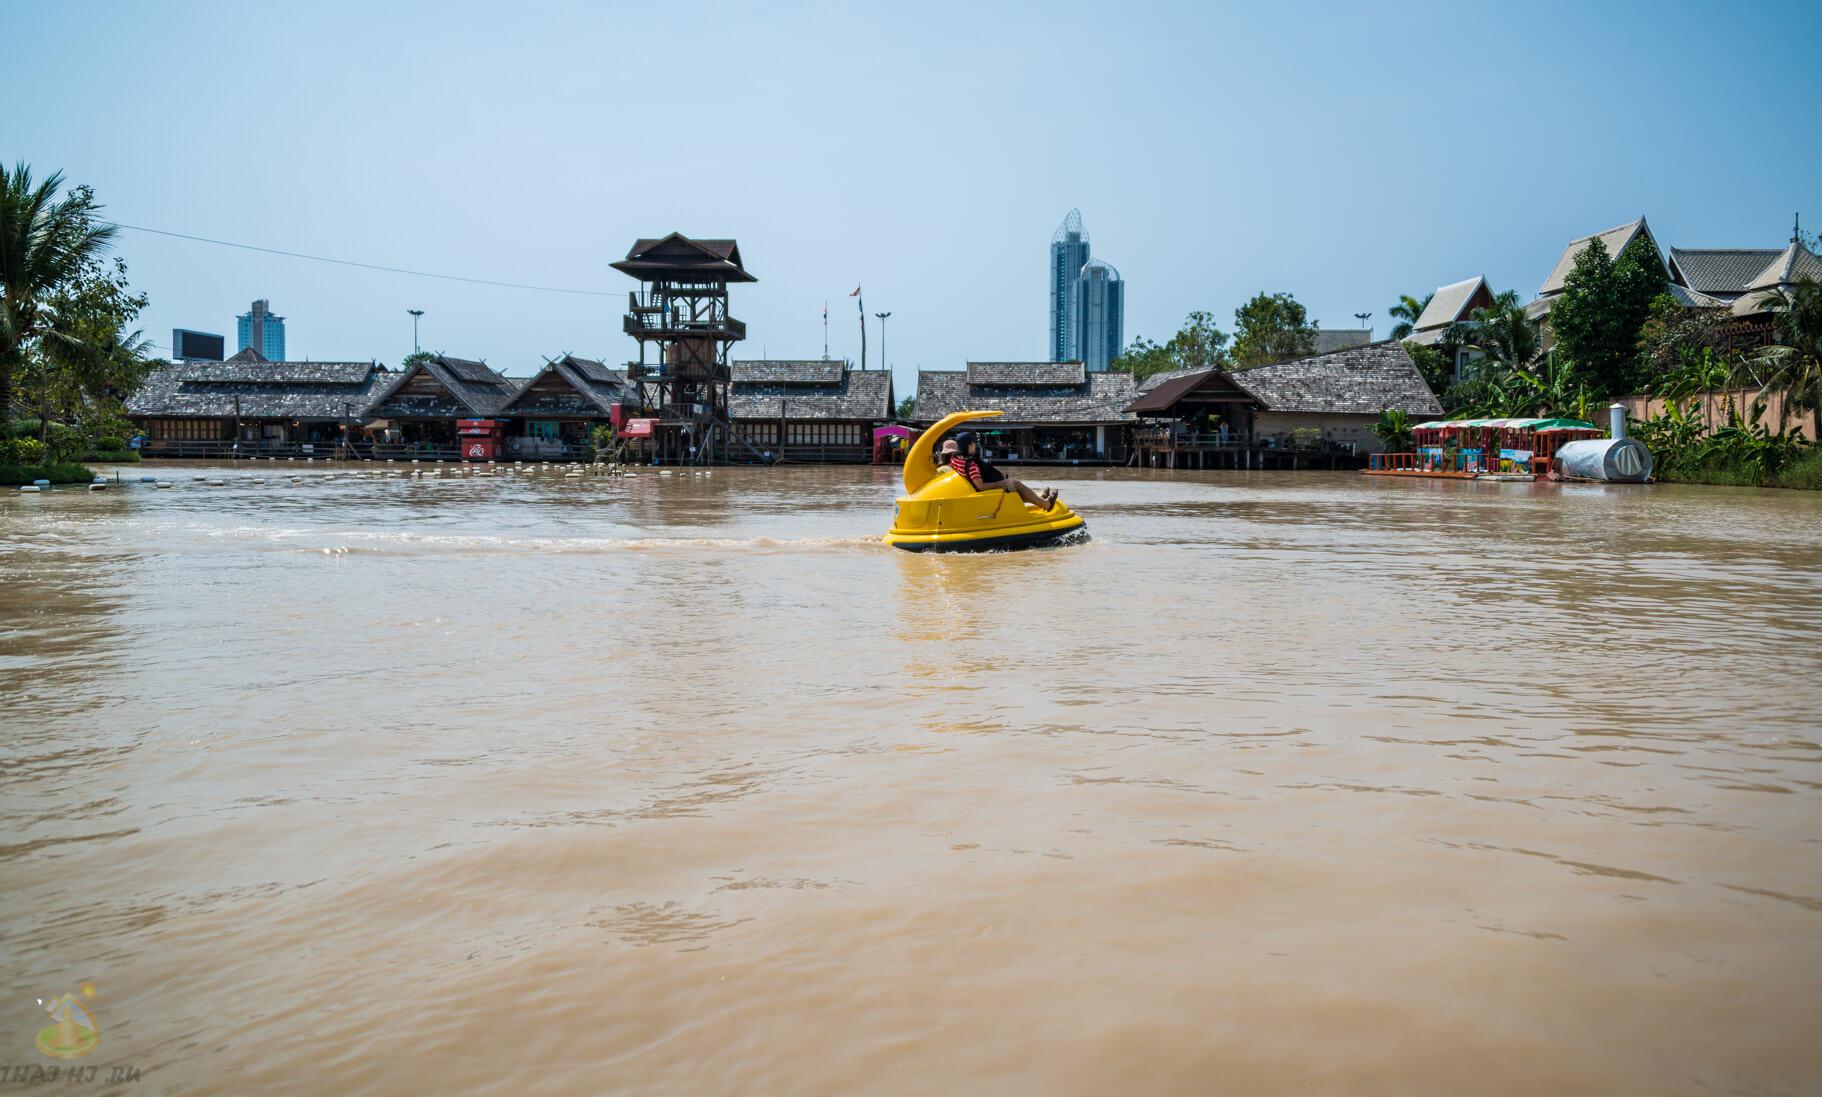 Лодки из будущего на плавучем рынке в Паттайе